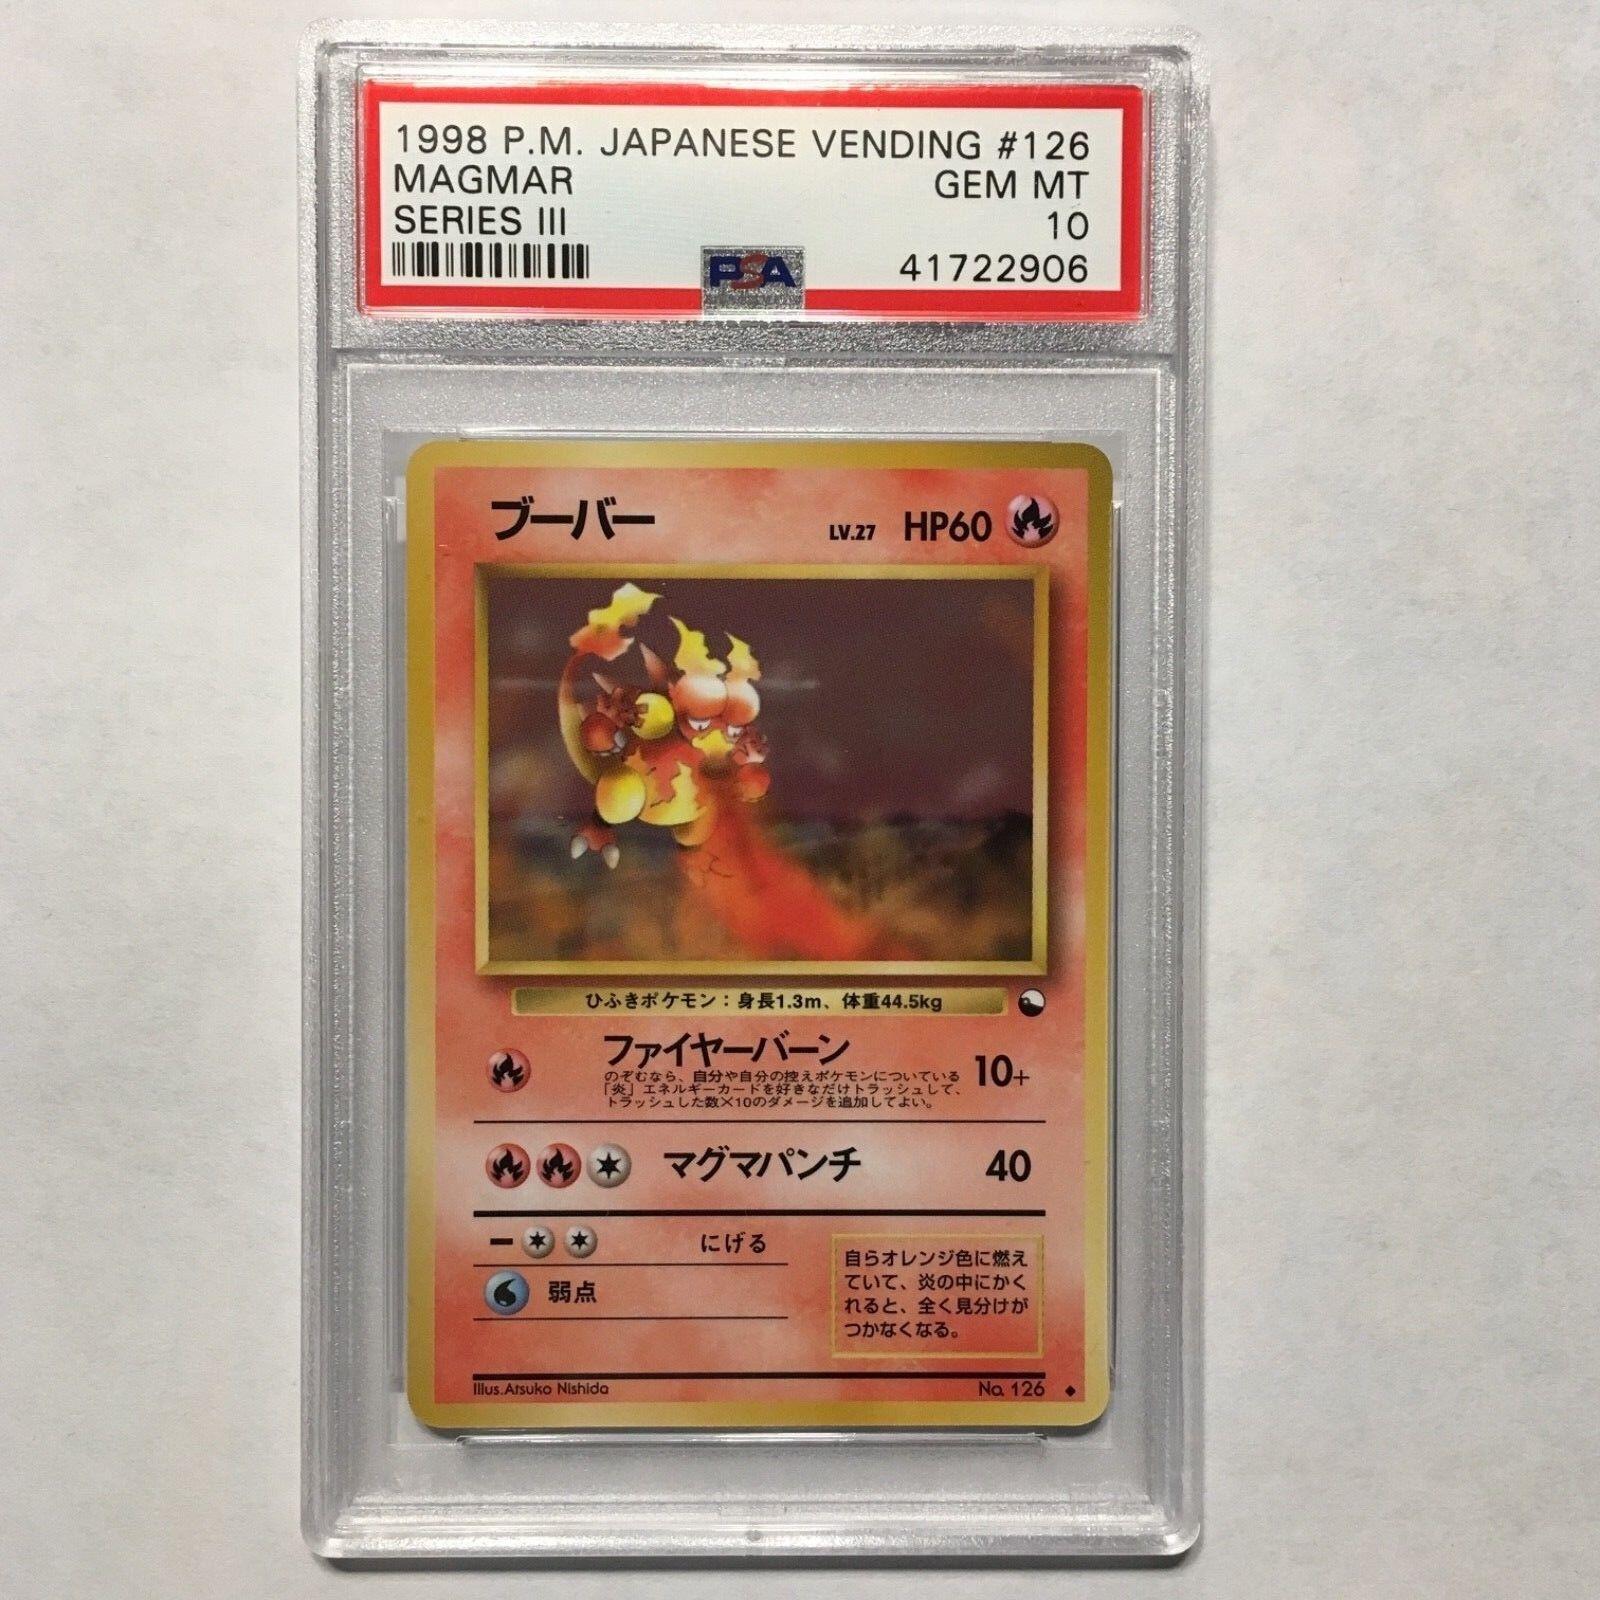 1998 10 gem - japanischen pokémon - psa - serie 3 126 magmar selten